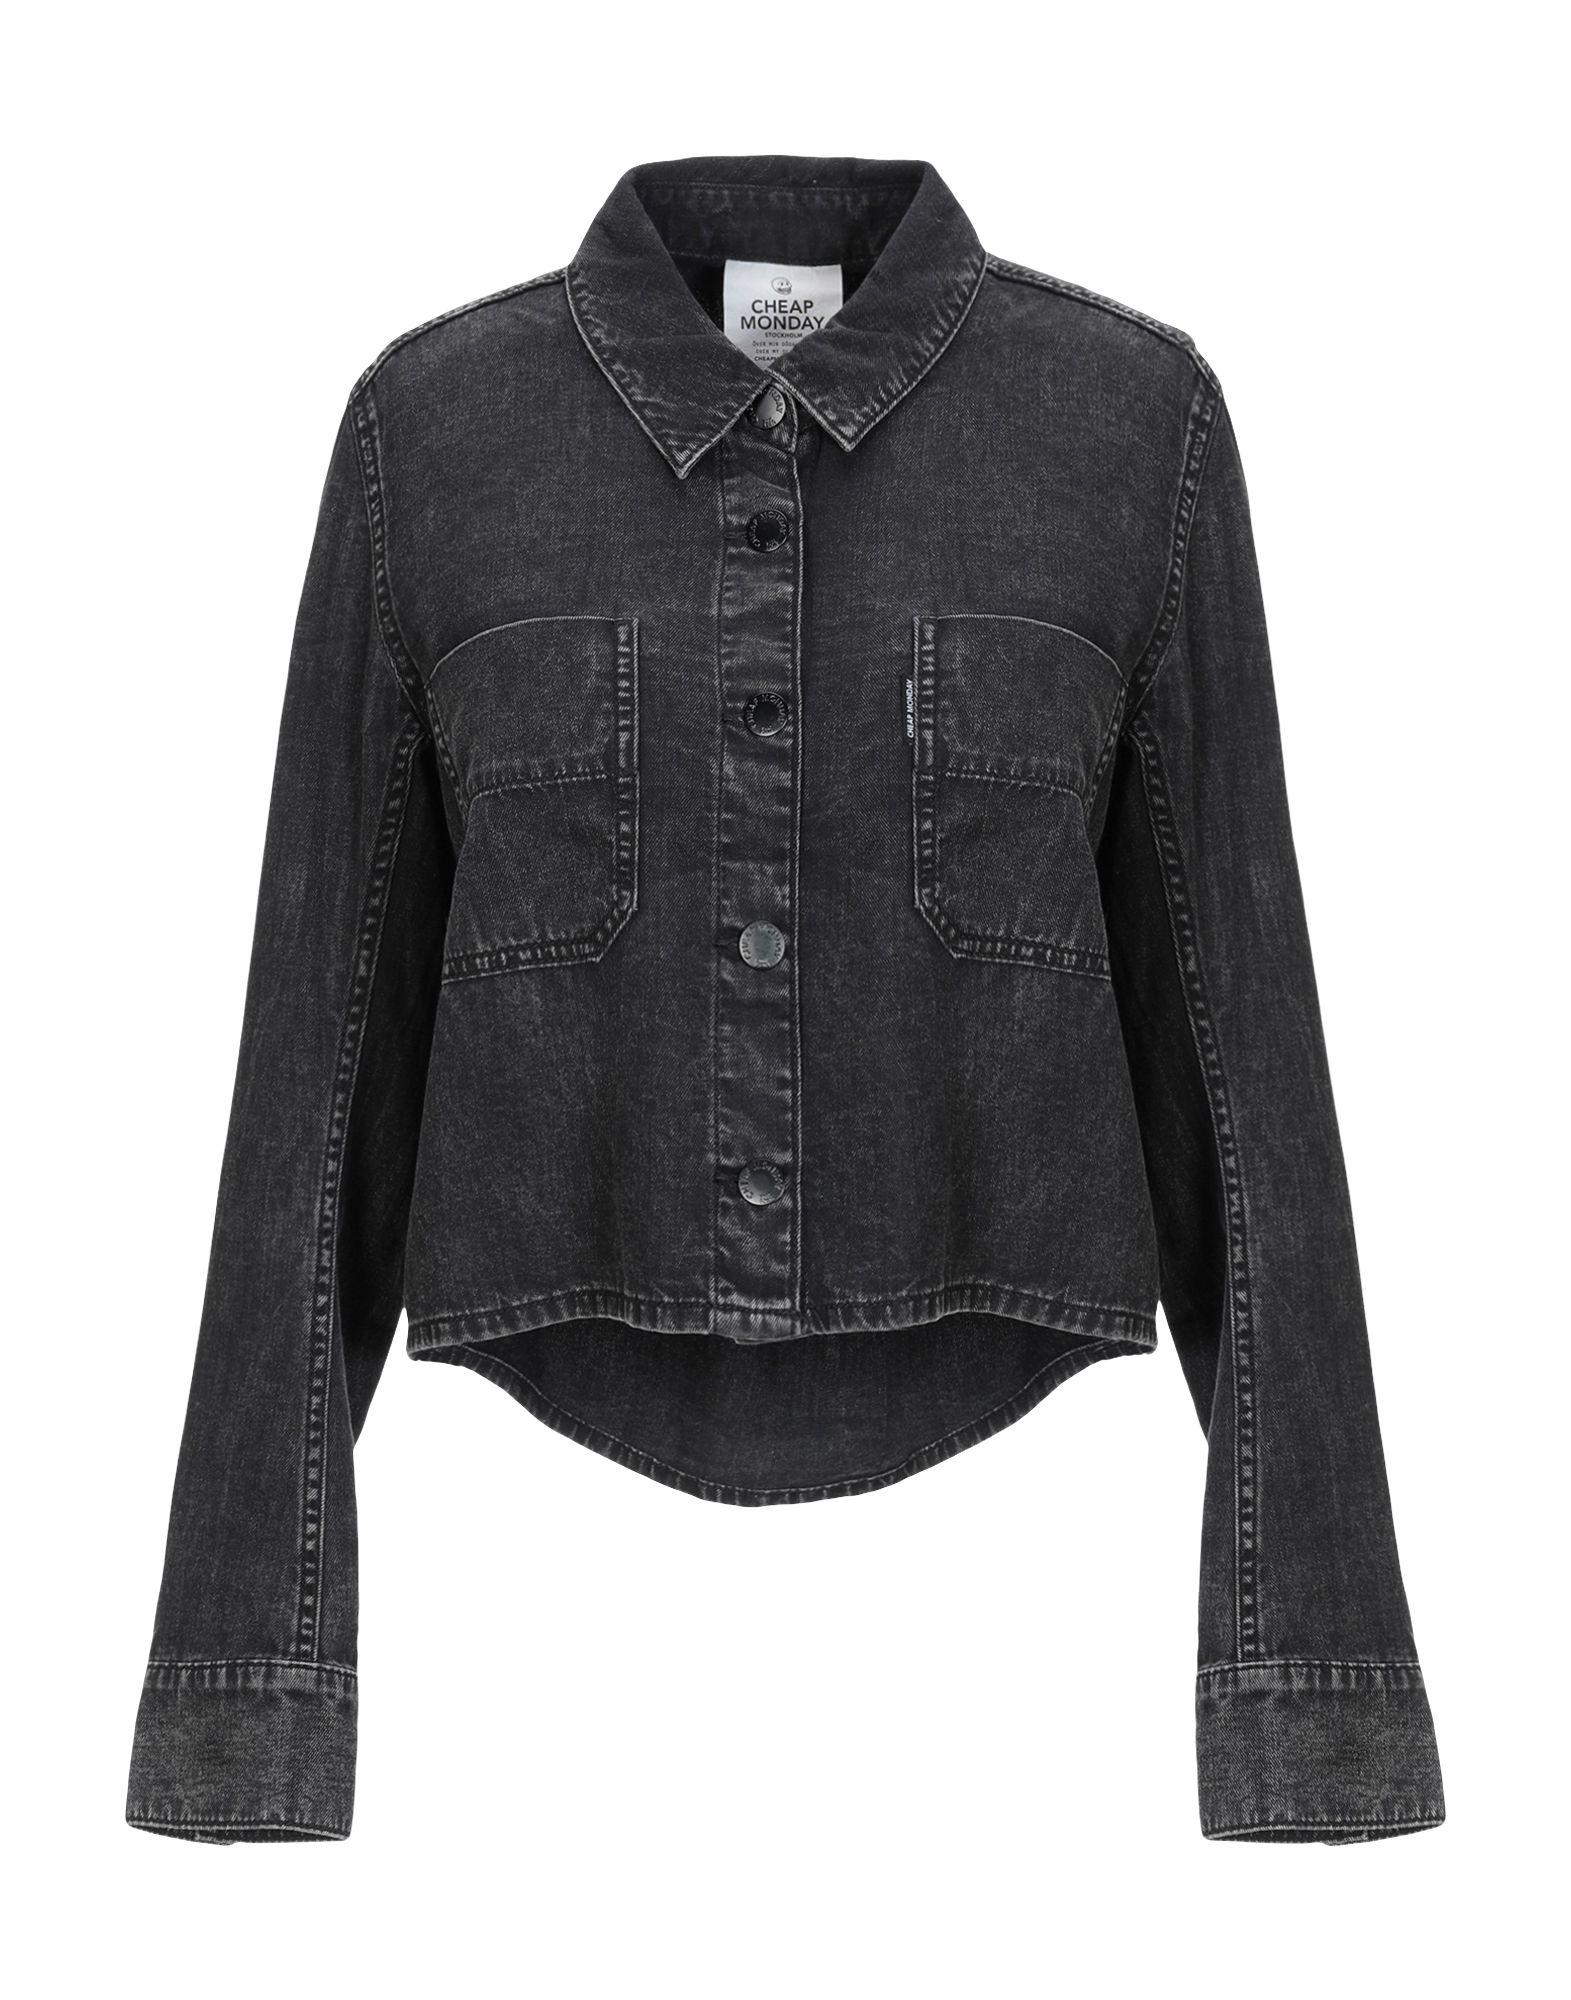 CHEAP MONDAY Джинсовая рубашка рубашка мужская cheap monday цвет черный 0518586 размер xs 44